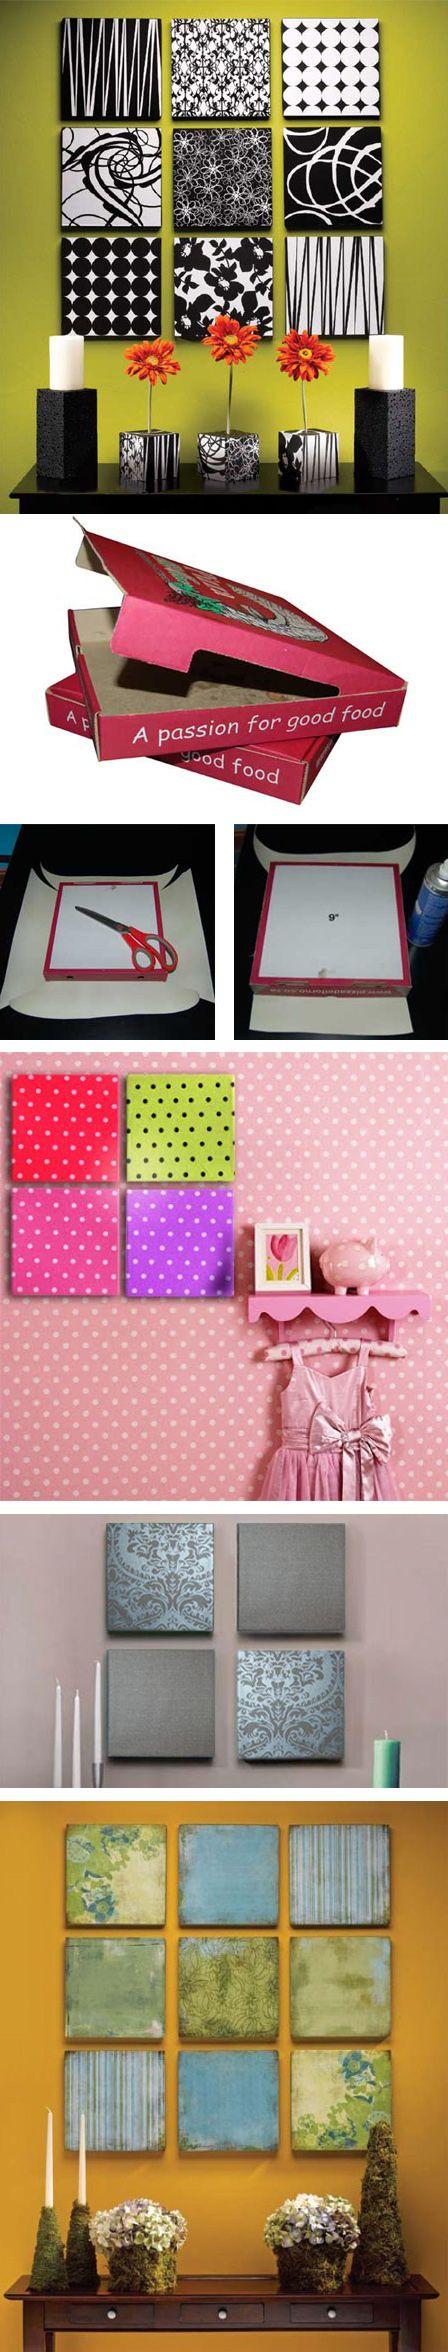 decoracion-cajas-pizza-cuadros-2-muy-ingenioso-DIY: